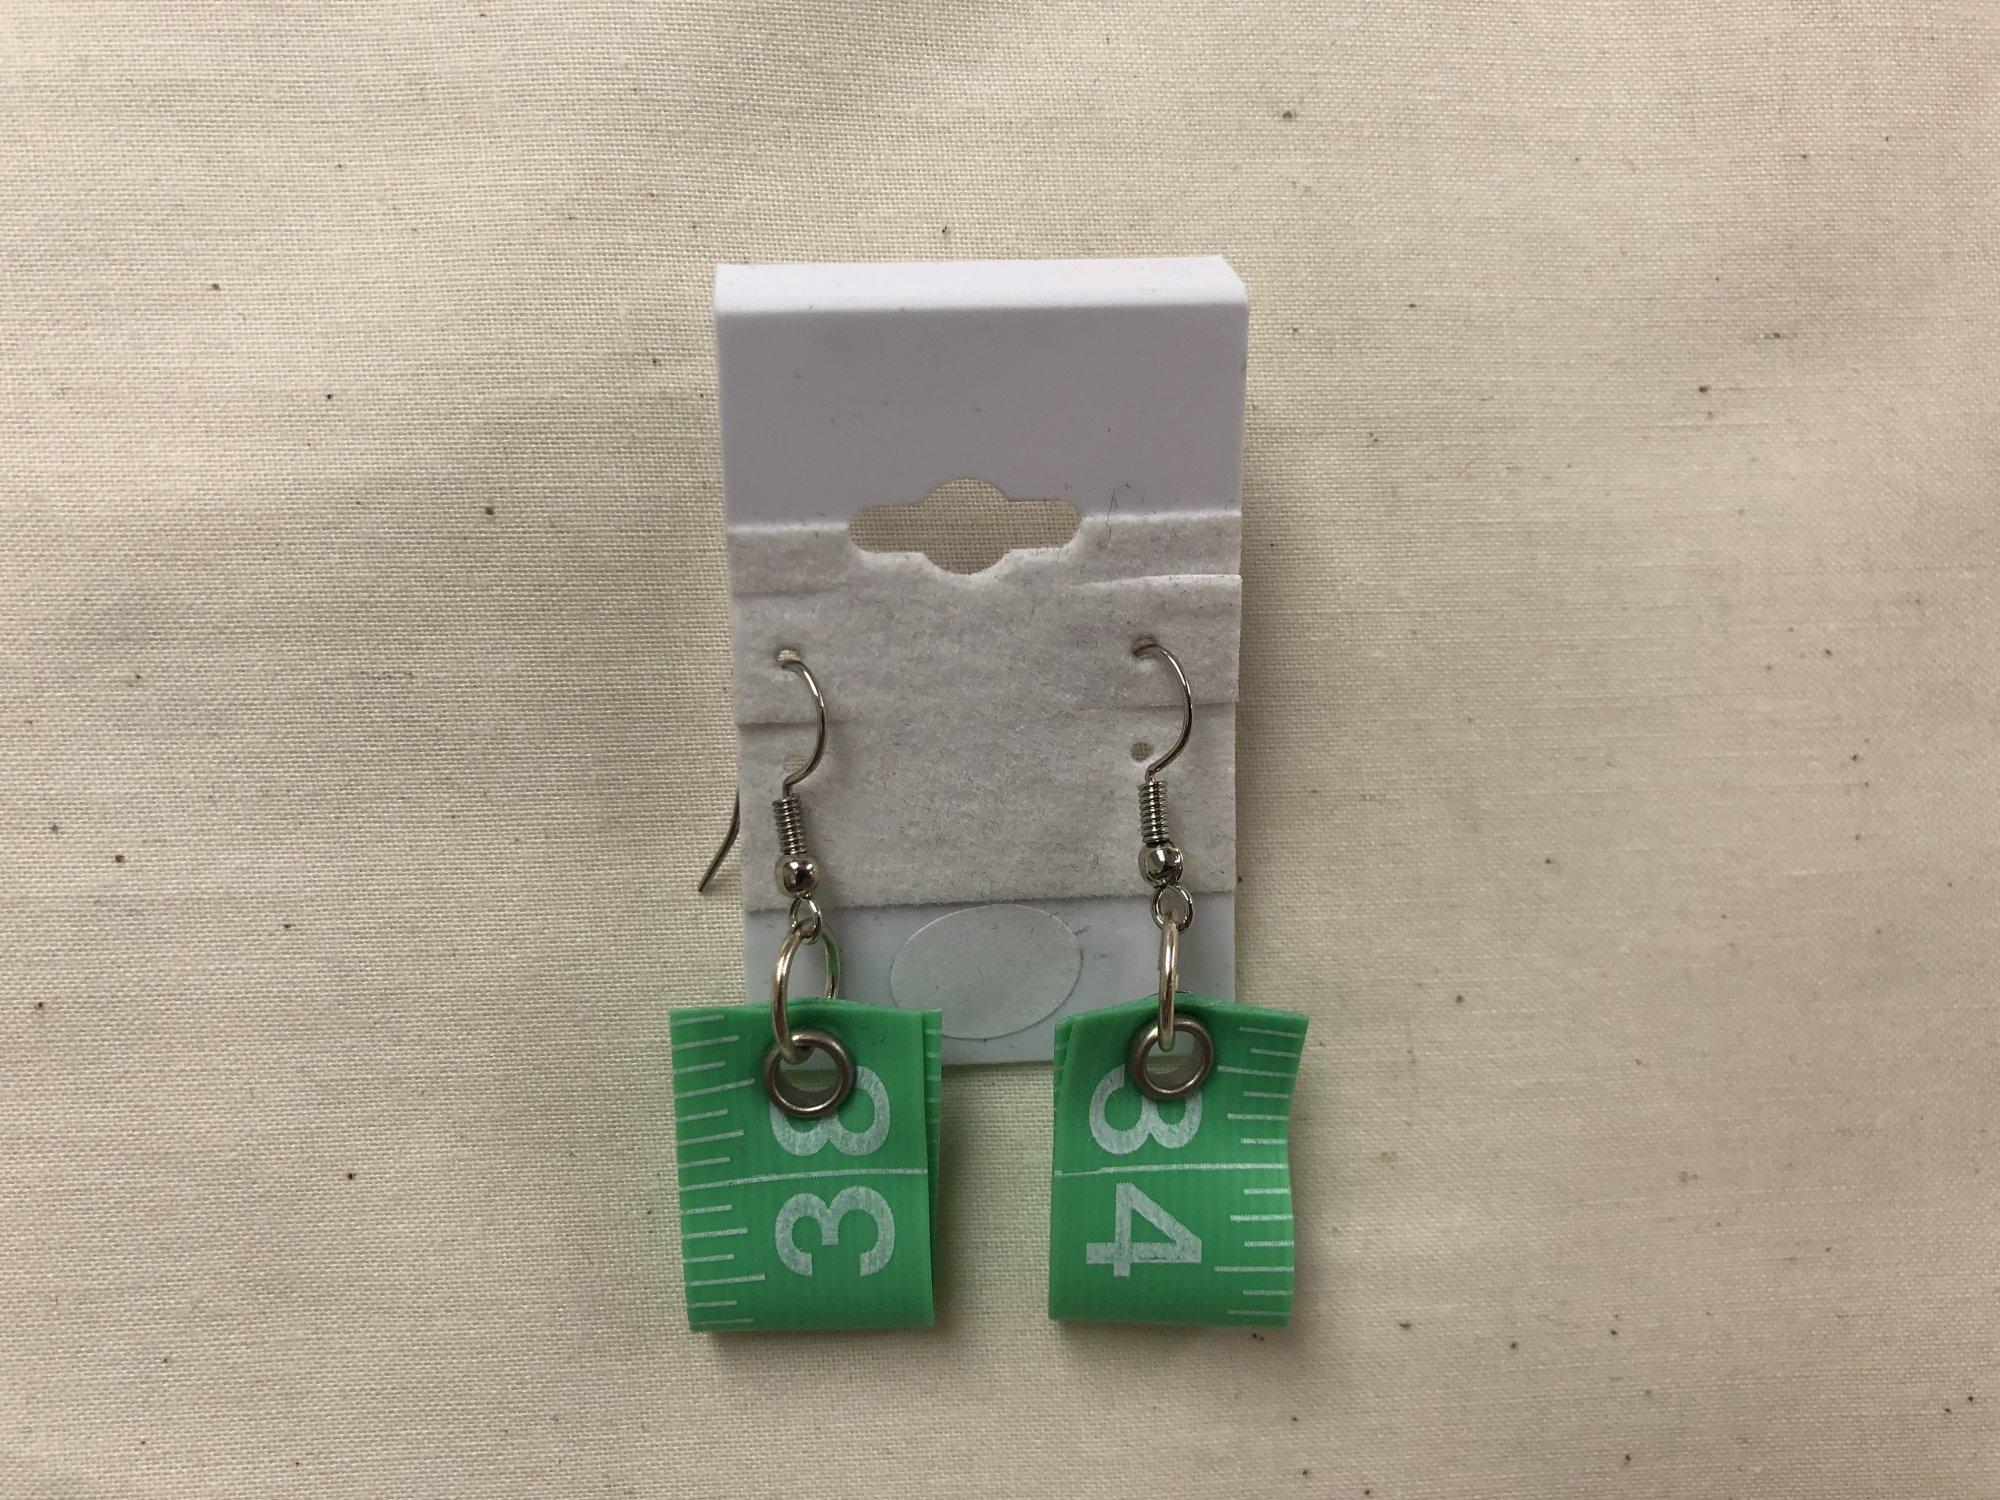 Tape Measure Earrings